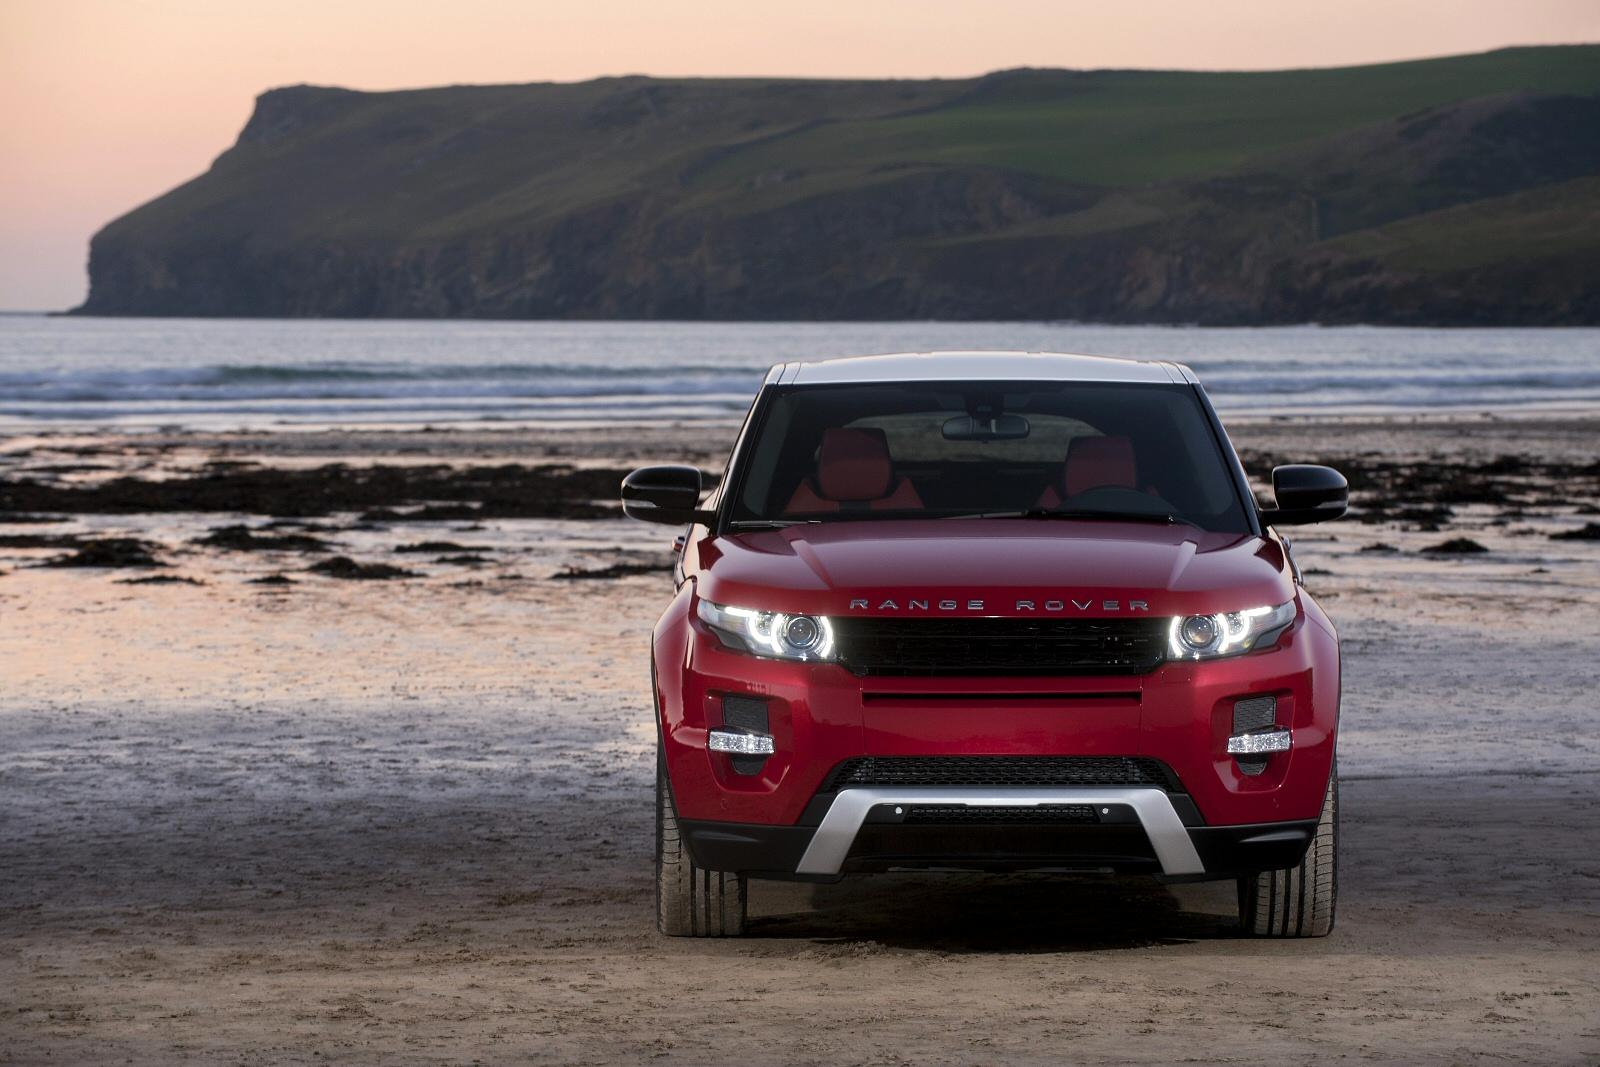 new land rover range rover evoque 2 0 ed4 se tech 5dr 2wd diesel hatchback for sale farnell. Black Bedroom Furniture Sets. Home Design Ideas